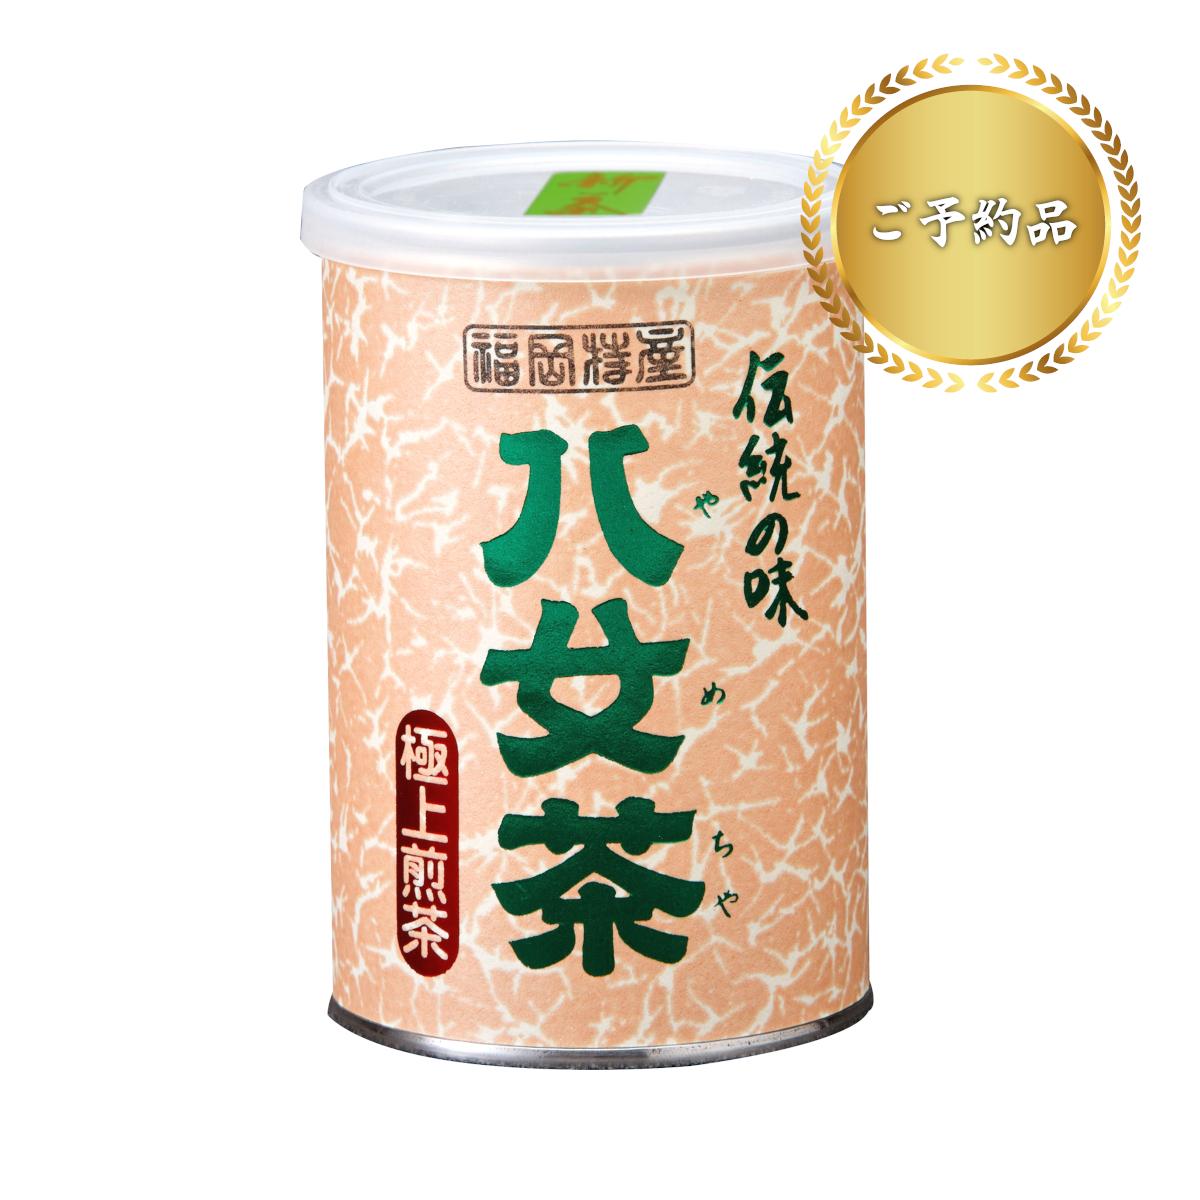 【9・ホ】極上煎茶(缶)